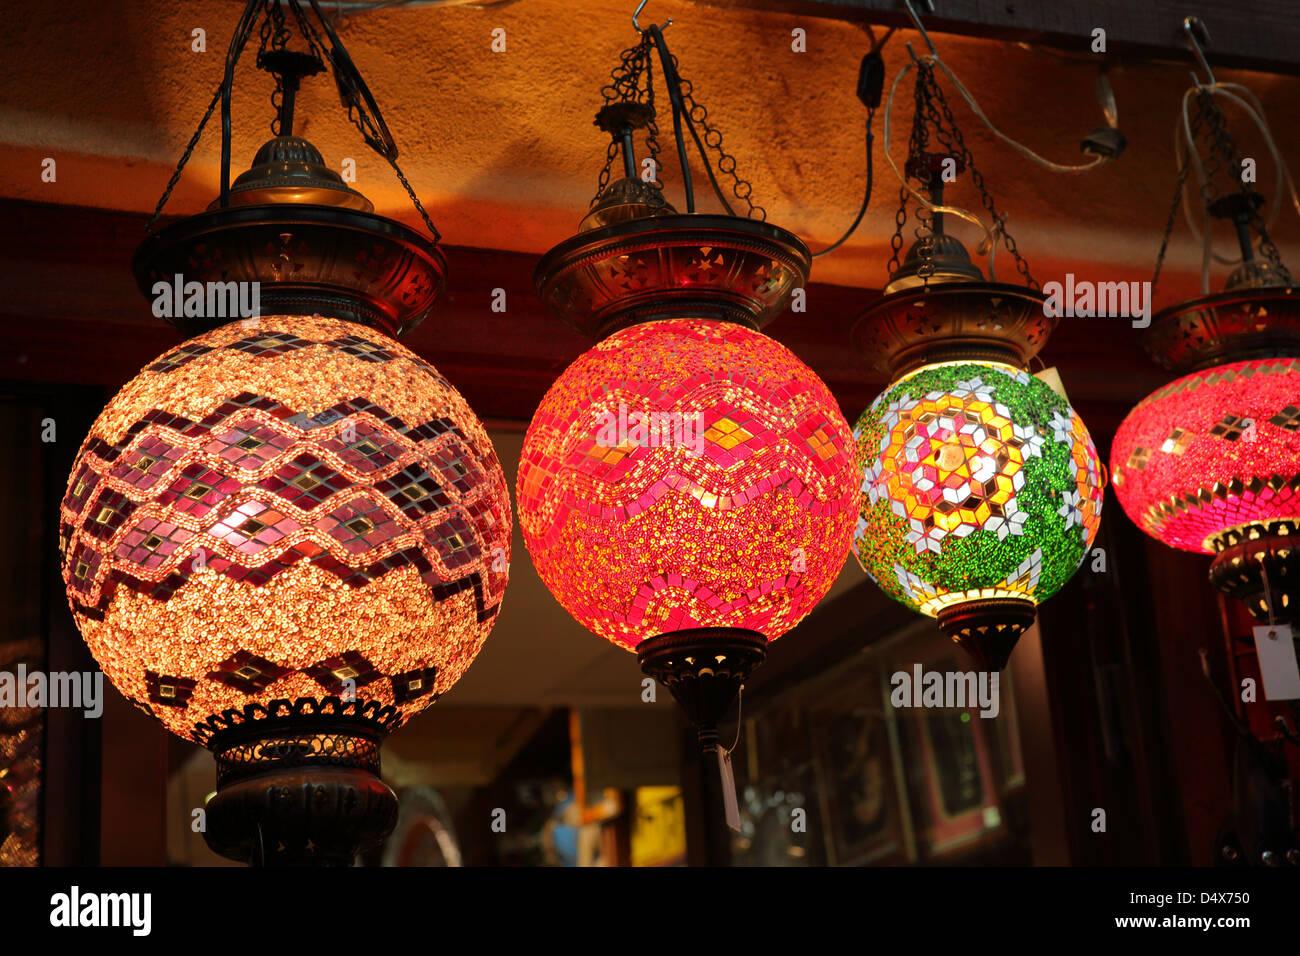 Lanternes colorées au cours du marché à Dubaï, Émirats Arabes Unis Photo Stock